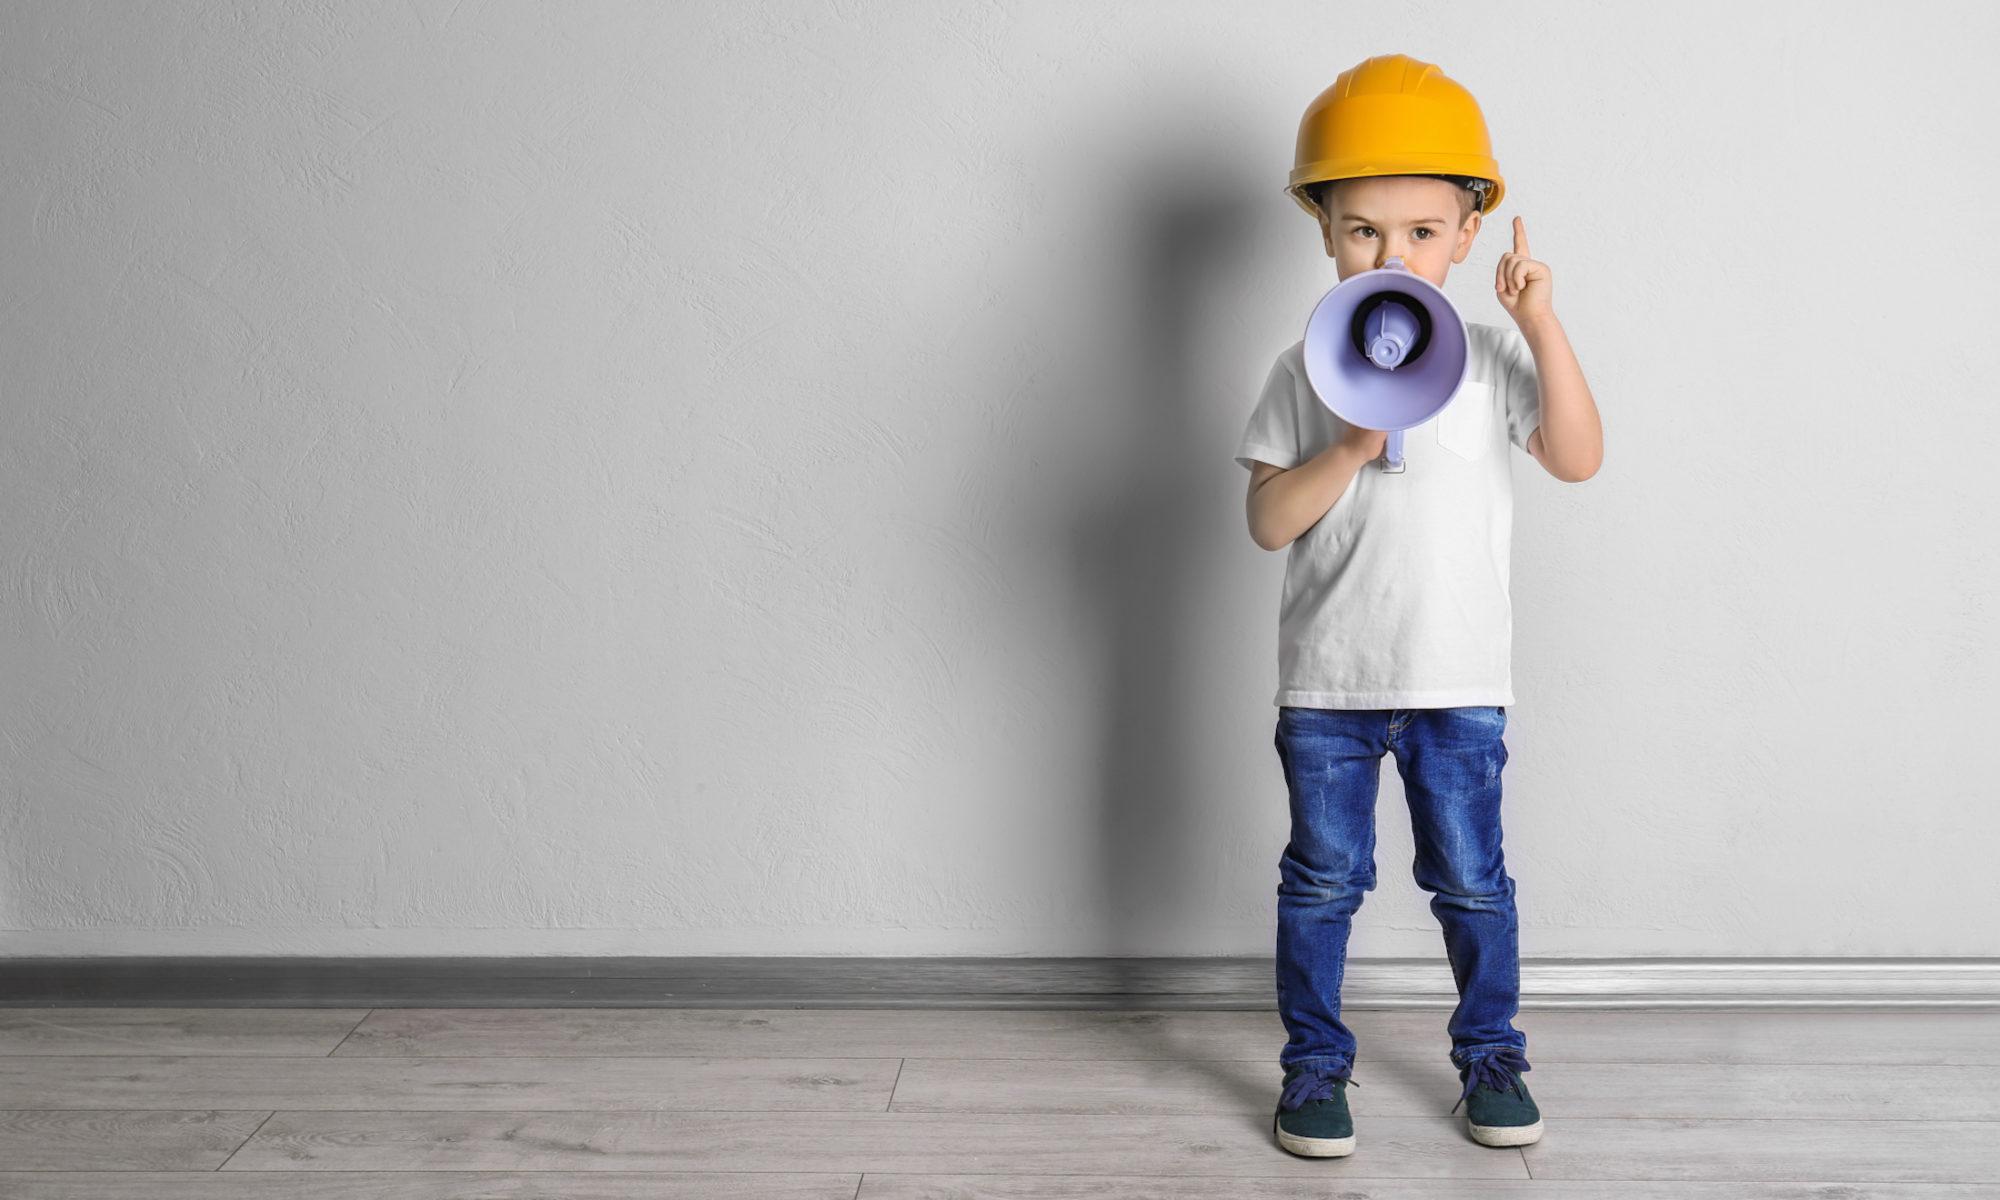 Kindeswohl und Recht